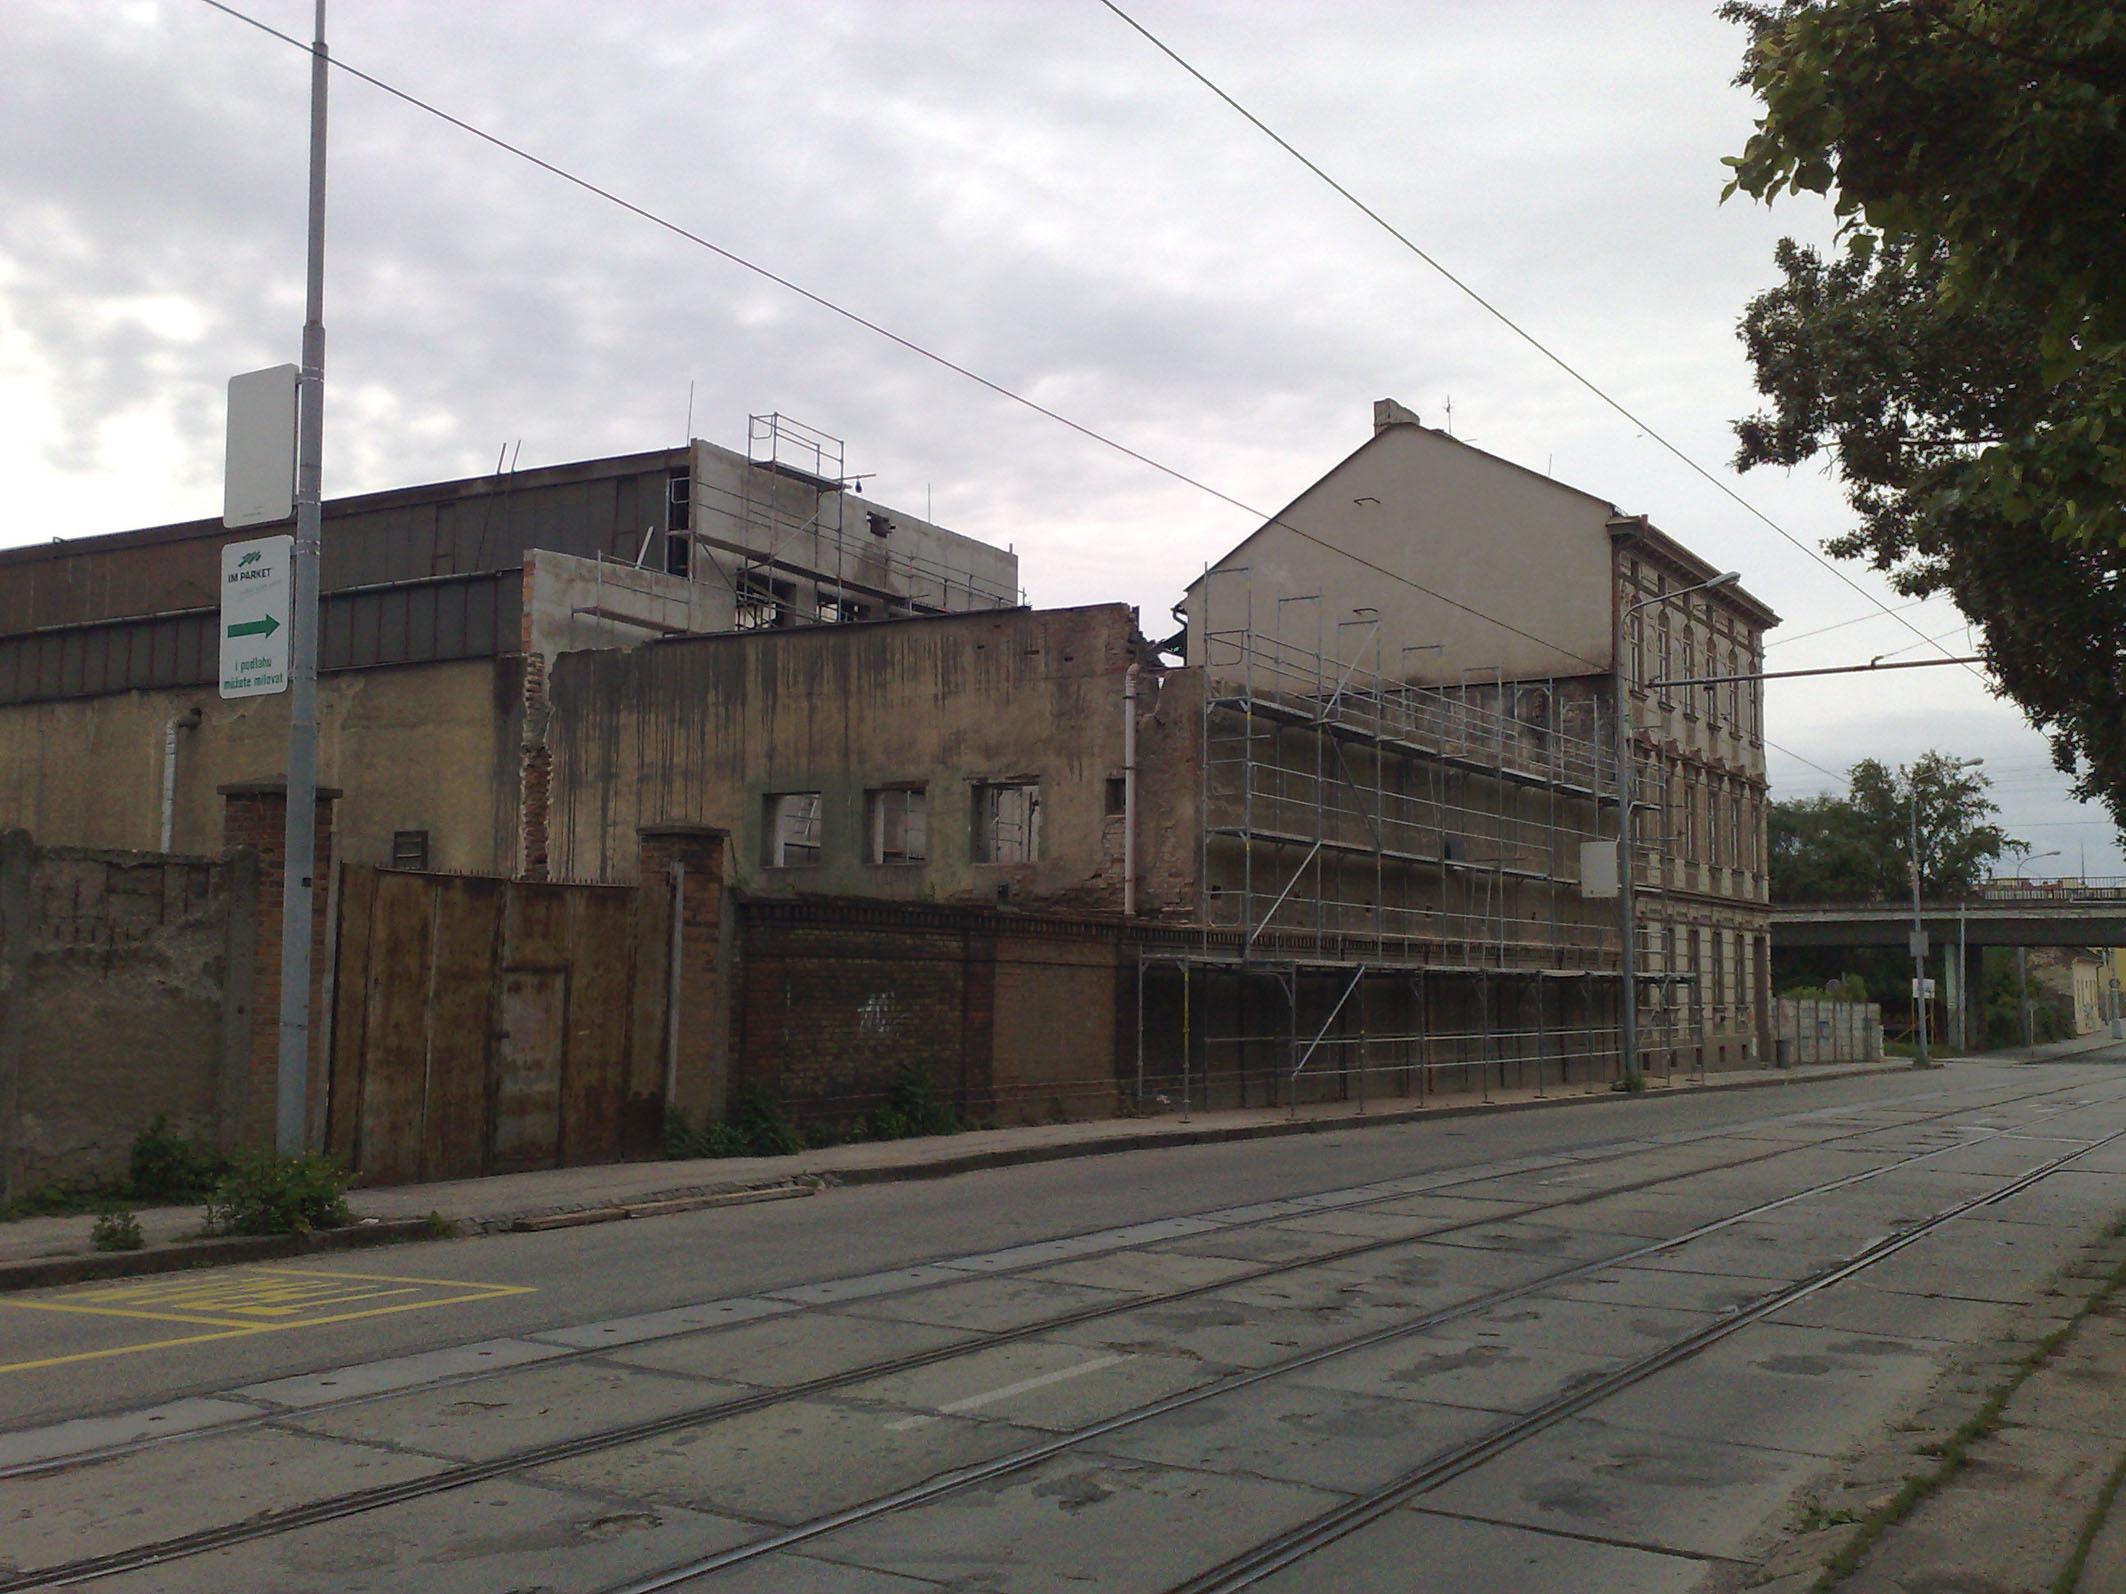 Ulice Dornych kolem roku 2012. U zastávky Kovářská vidíte probíhající demolici rohového domu a zadní části výrobní haly slévárny UXA.